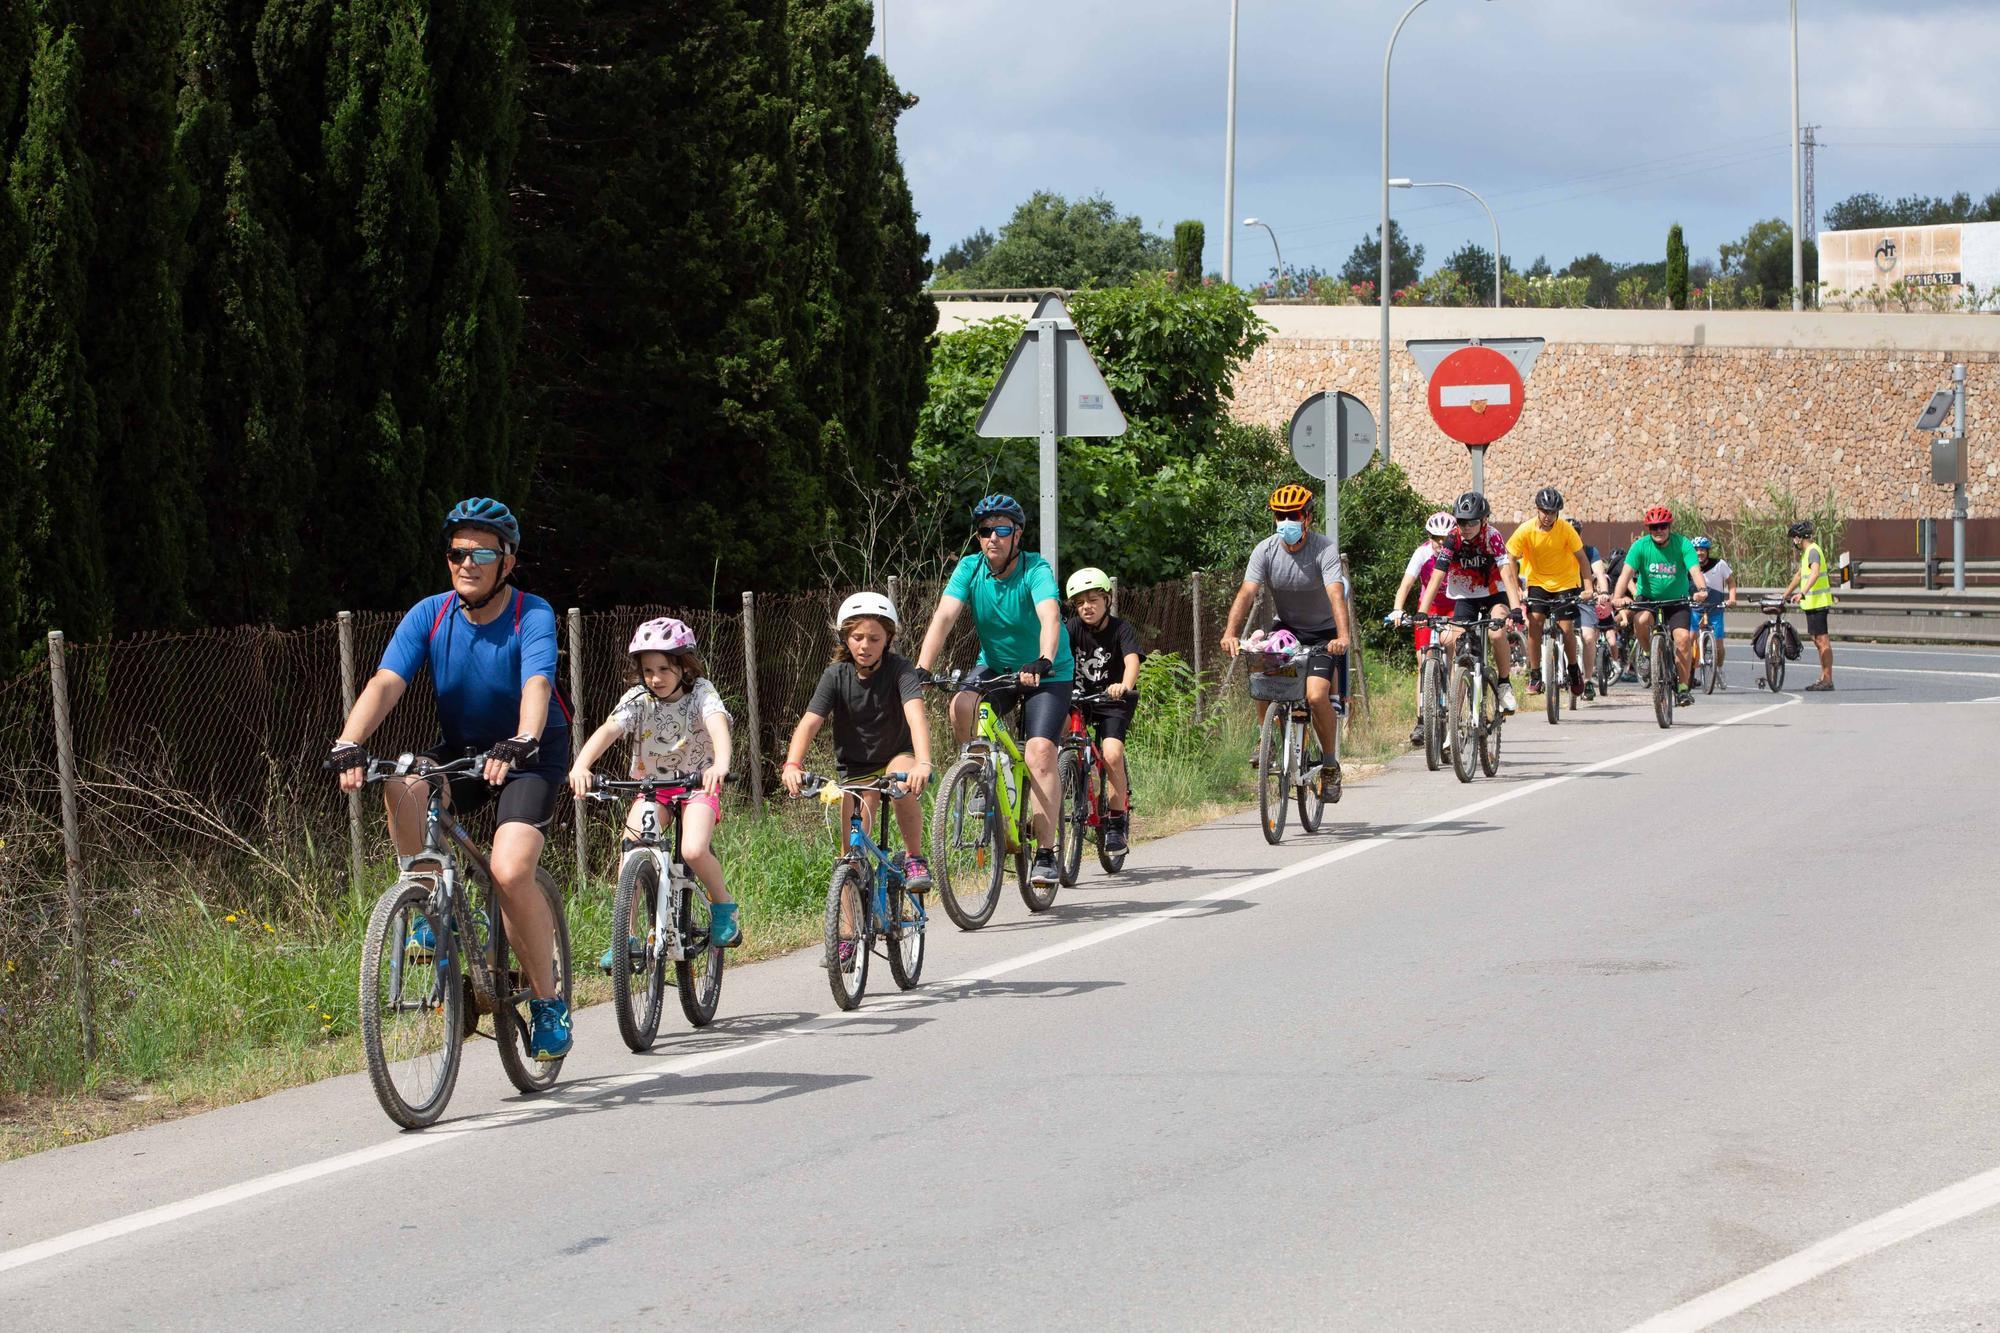 Una 'bicicletada' en Jesús reúne a 40 personas para exigir mejoras en la conectividad